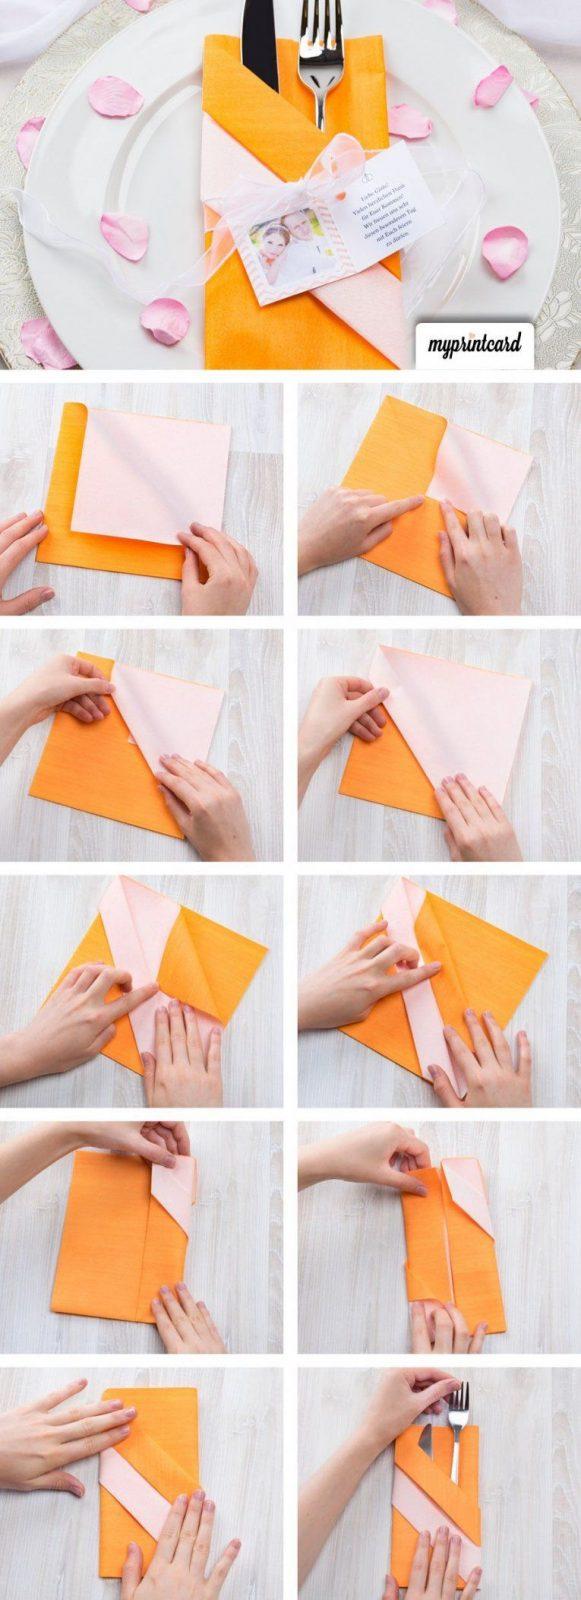 Kreativ Servietten Falten Die Bestecktasche  Servetten 60Ste von Bestecktaschen Aus Servietten Falten Photo